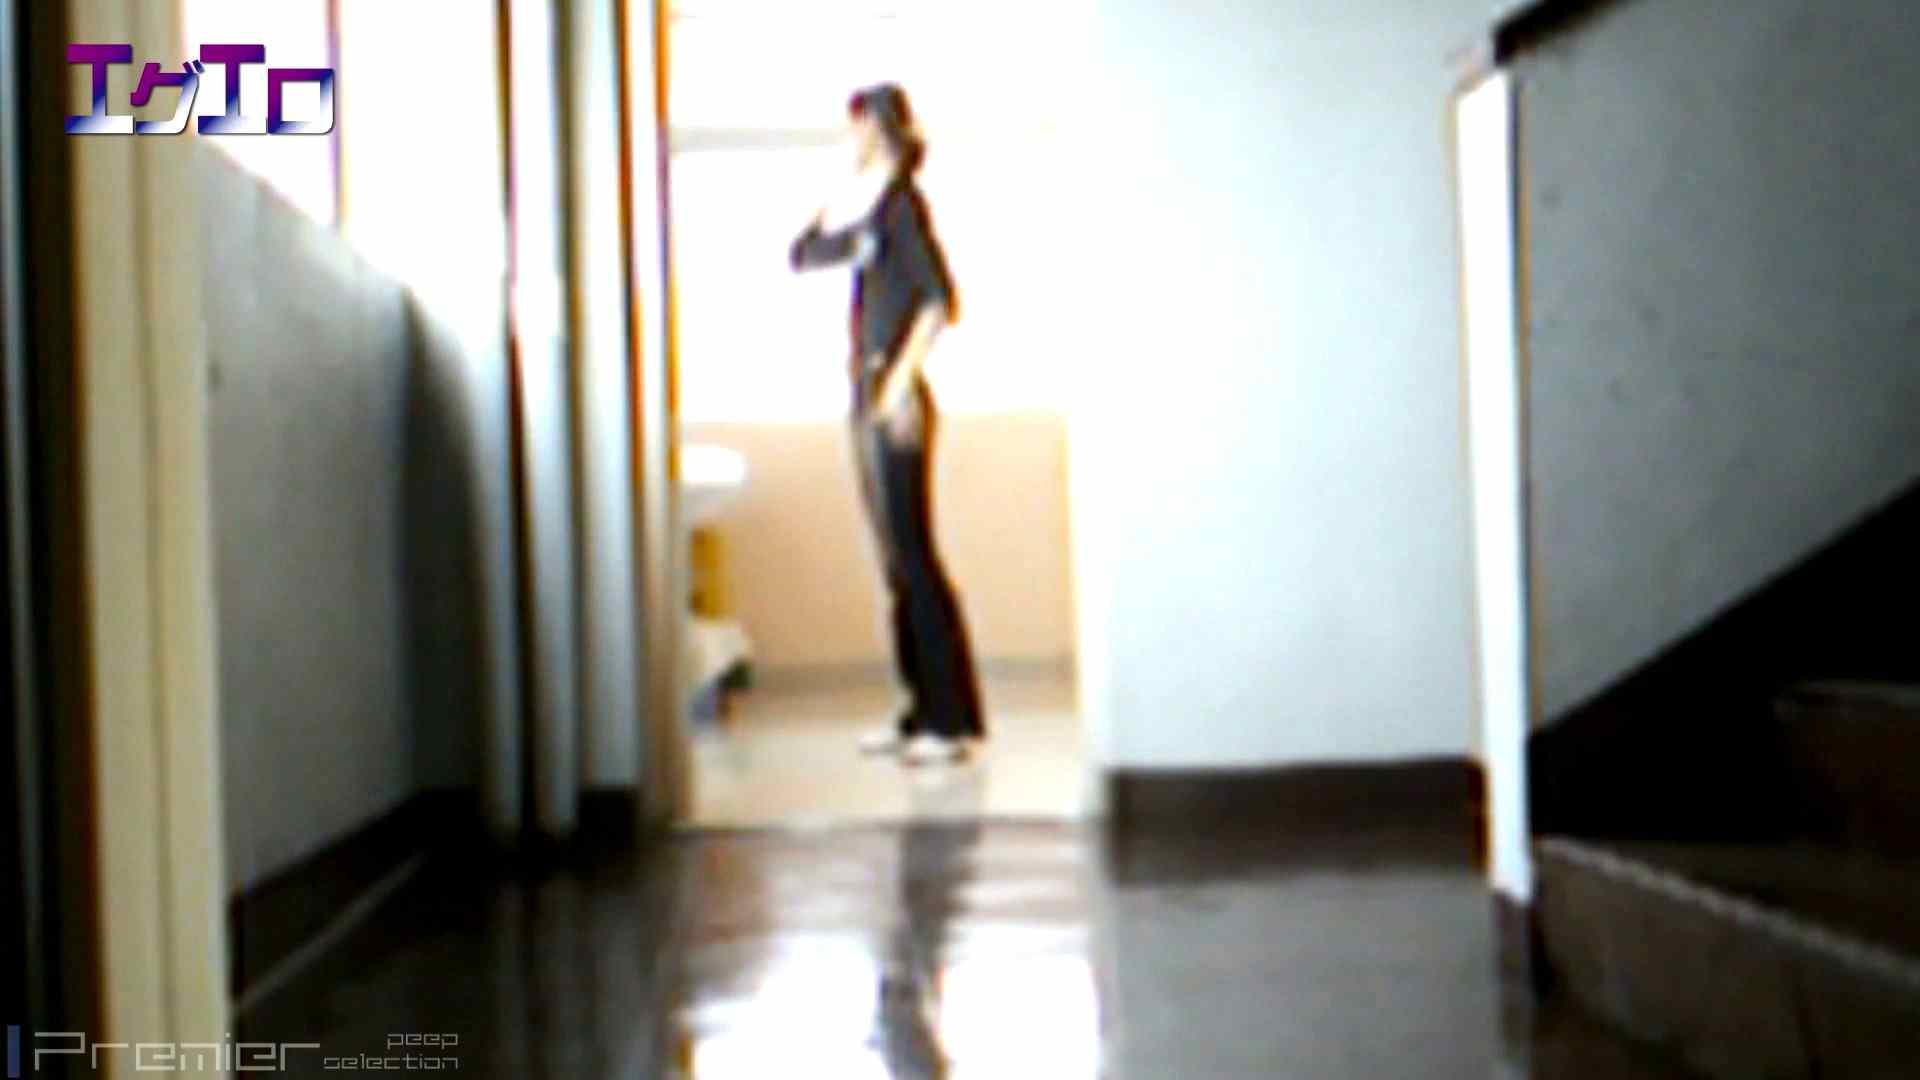 至近距離洗面所 Vol.10ブルージーンズギャルの大放nyo OL | ギャル・コレクション  61連発 15